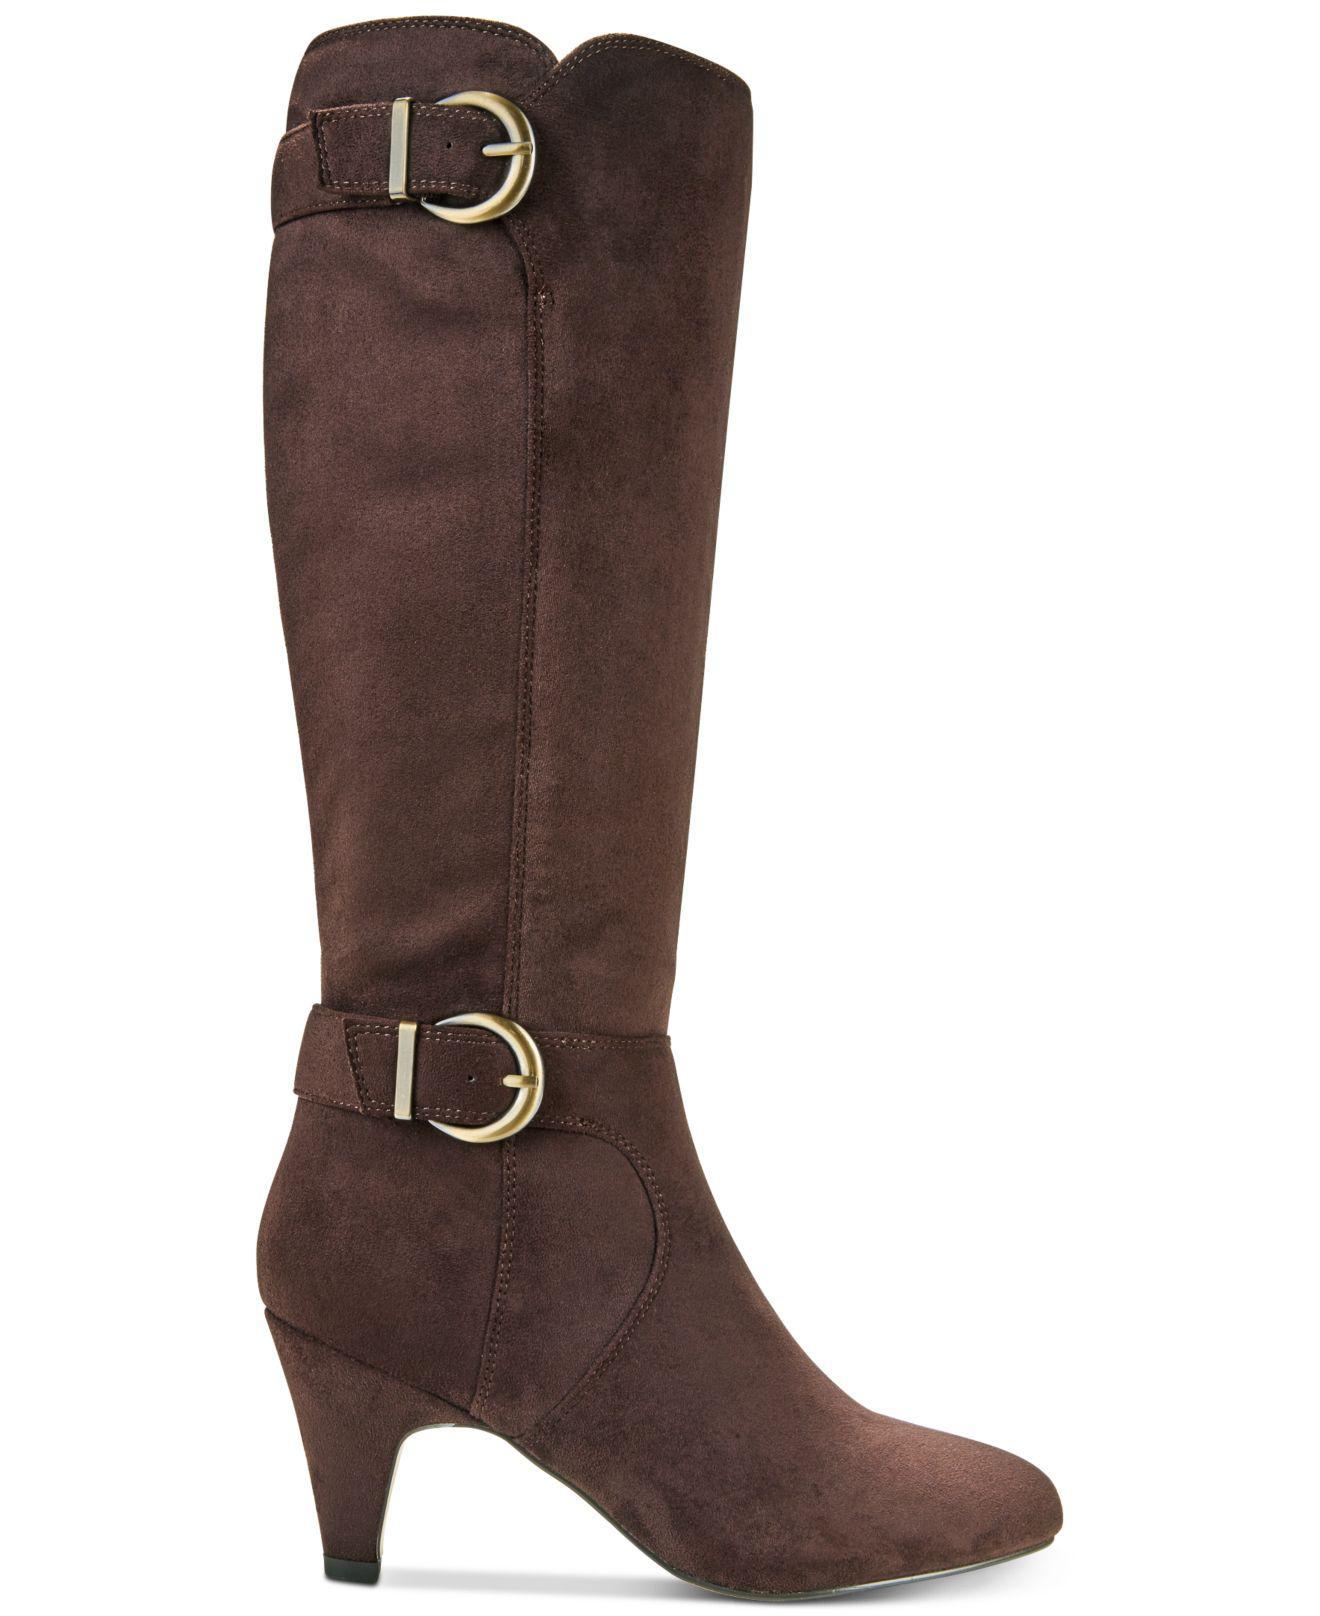 dab59fbbf53 Bella Vita Toni Ii Wide-calf Boots in Brown - Lyst